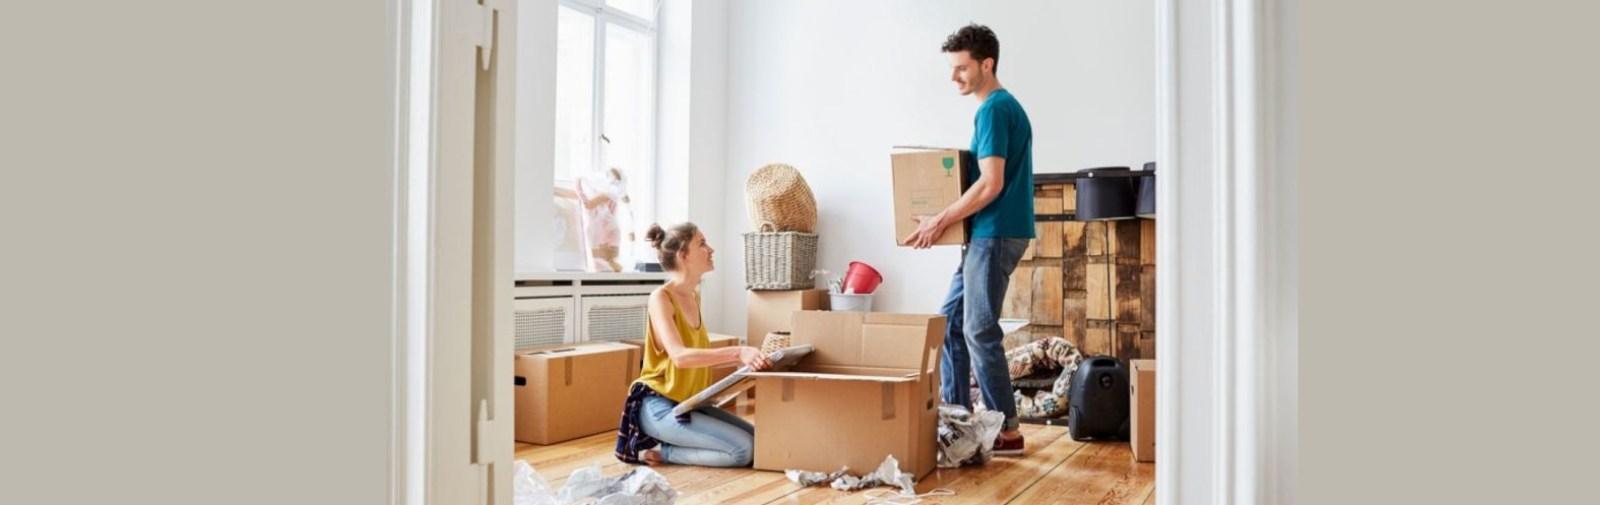 déménagement rapide et efficace